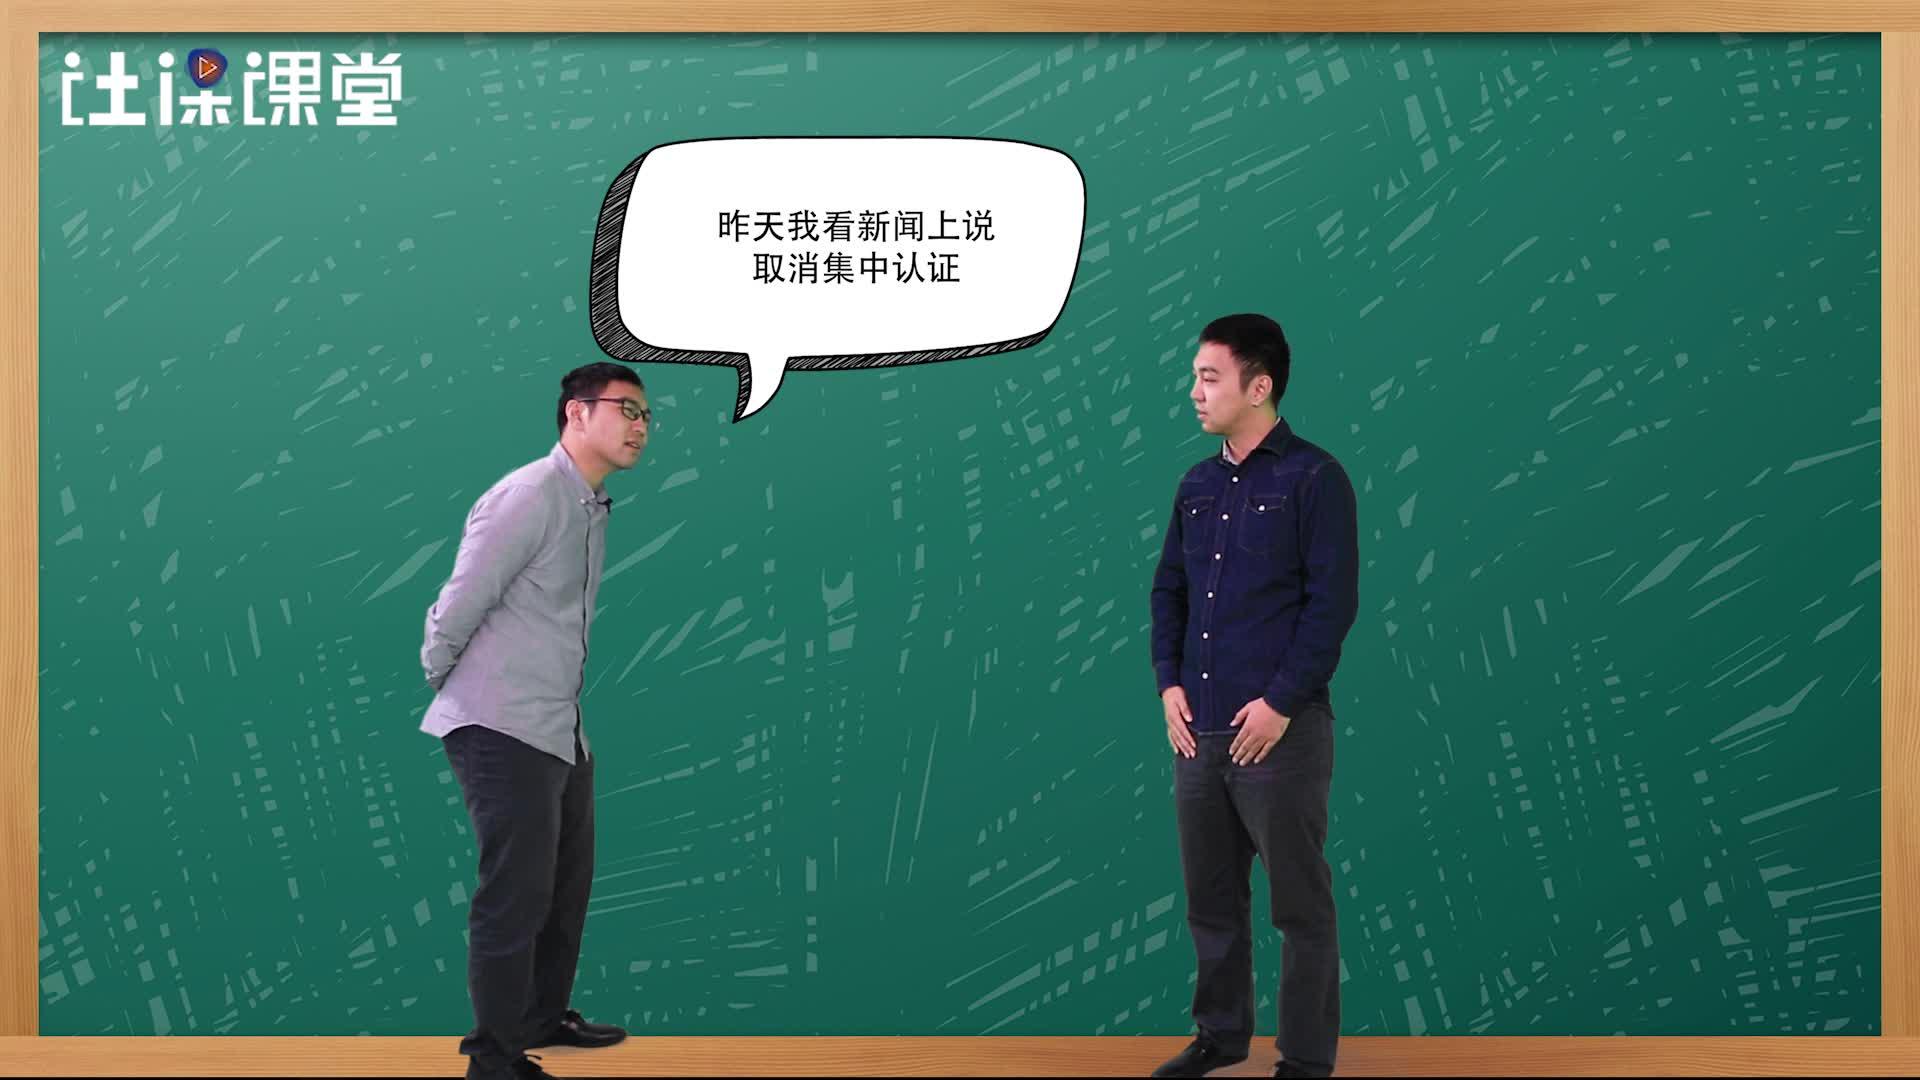 《社保课堂》(三):说说领取社会保险待遇资格认证那些事儿